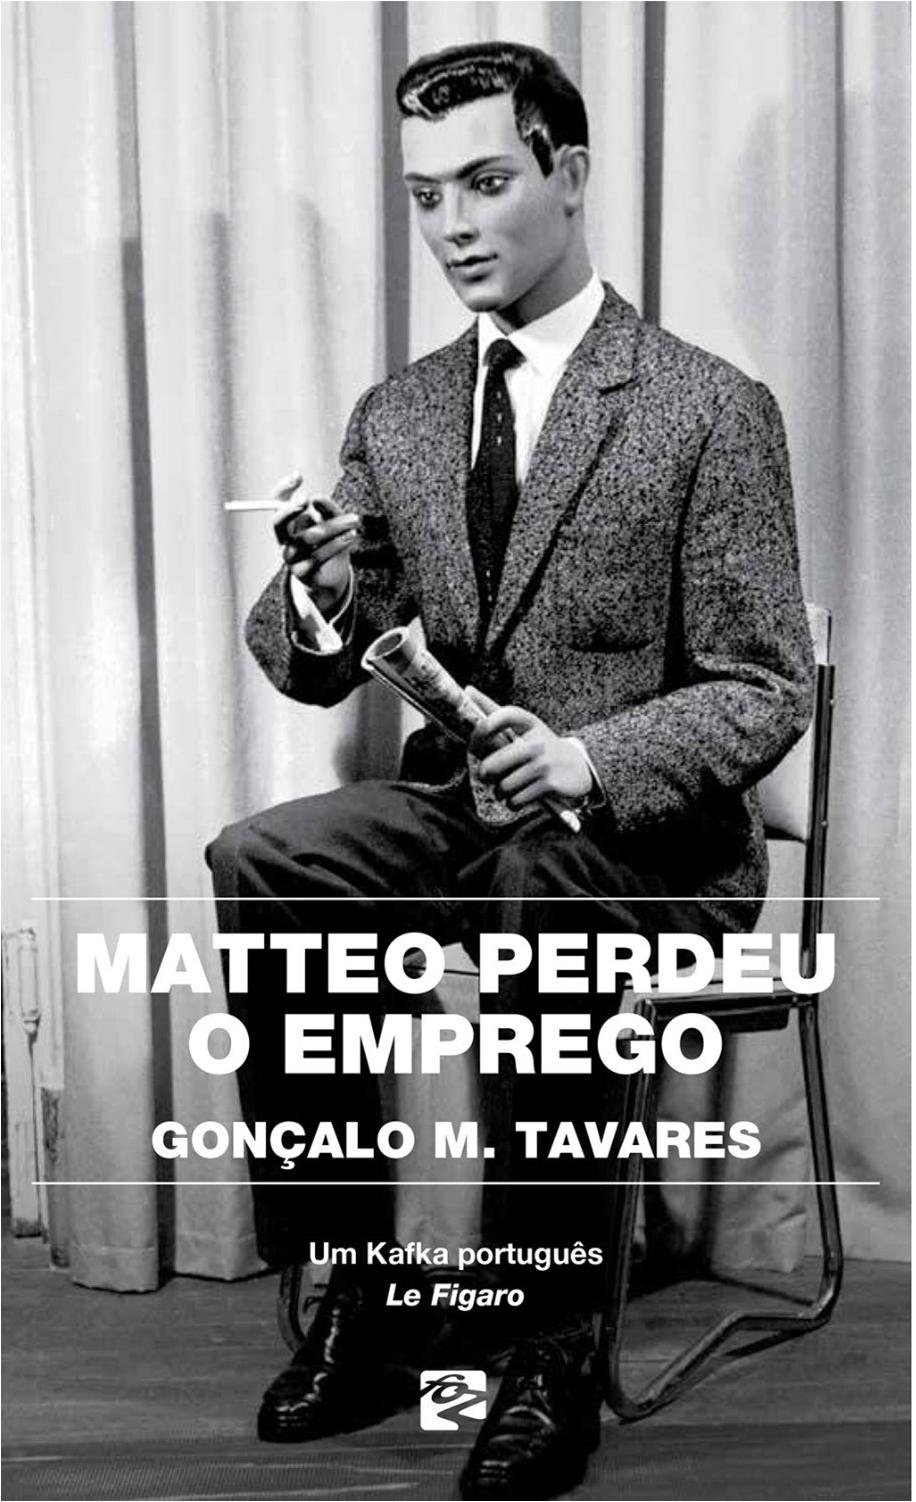 Gonçalo M Tavares Matteo